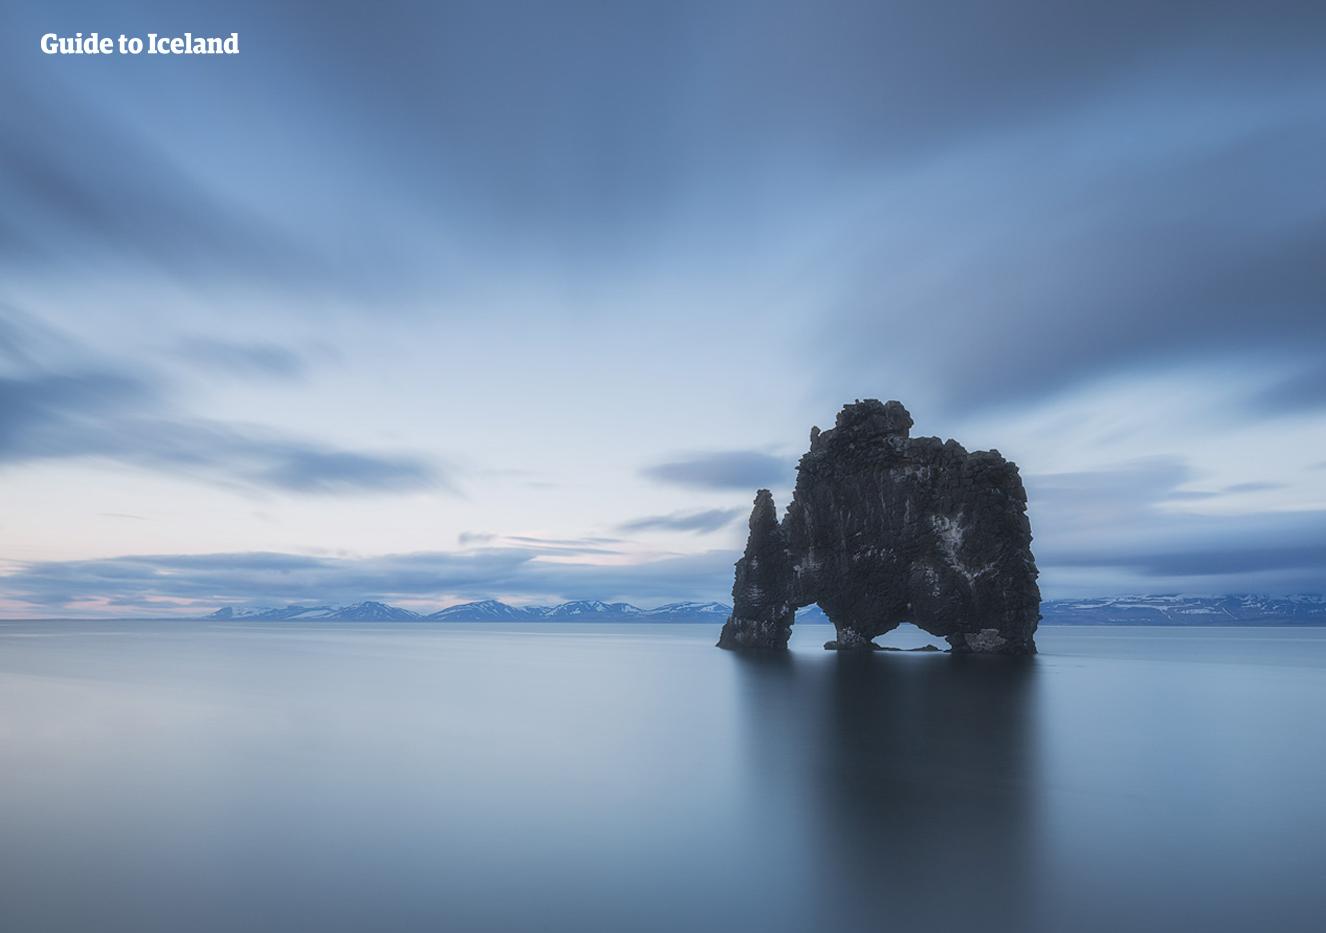 De indrukwekkende rotsformatie Hvítserkur in Noord-IJsland, die als een angstaanjagende draak uit de oceaan oprijst